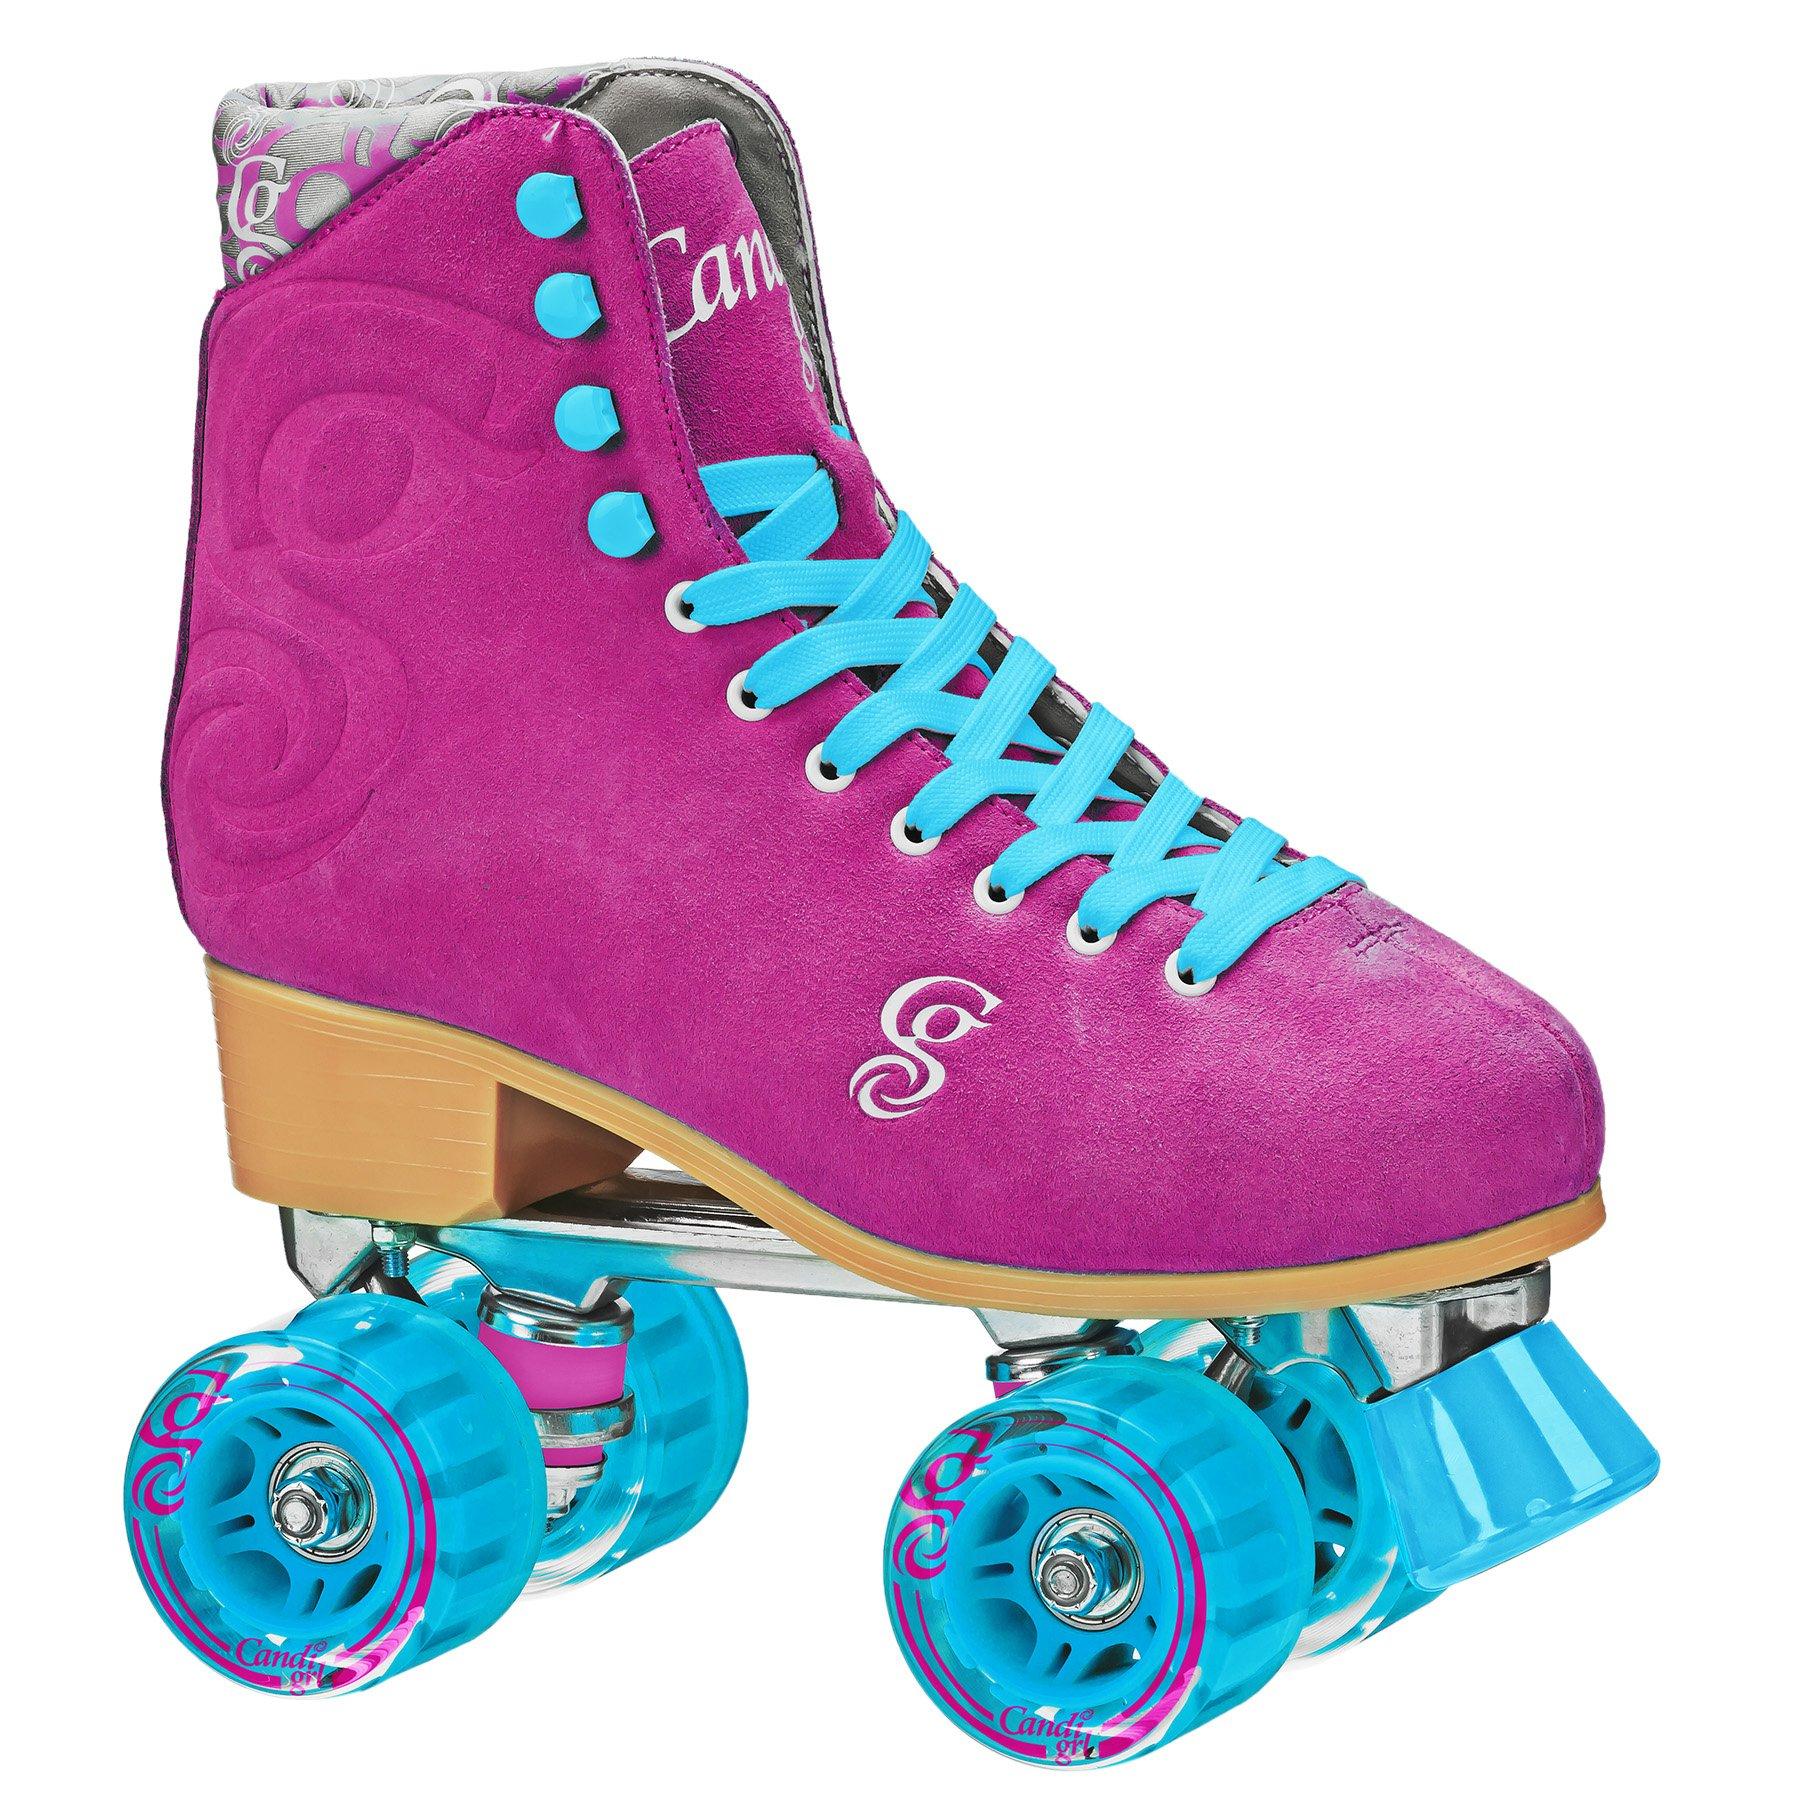 Roller Derby Candi Girl U774 Carlin Quad Artistic Roller Skates Raspberry Ladies sz 3